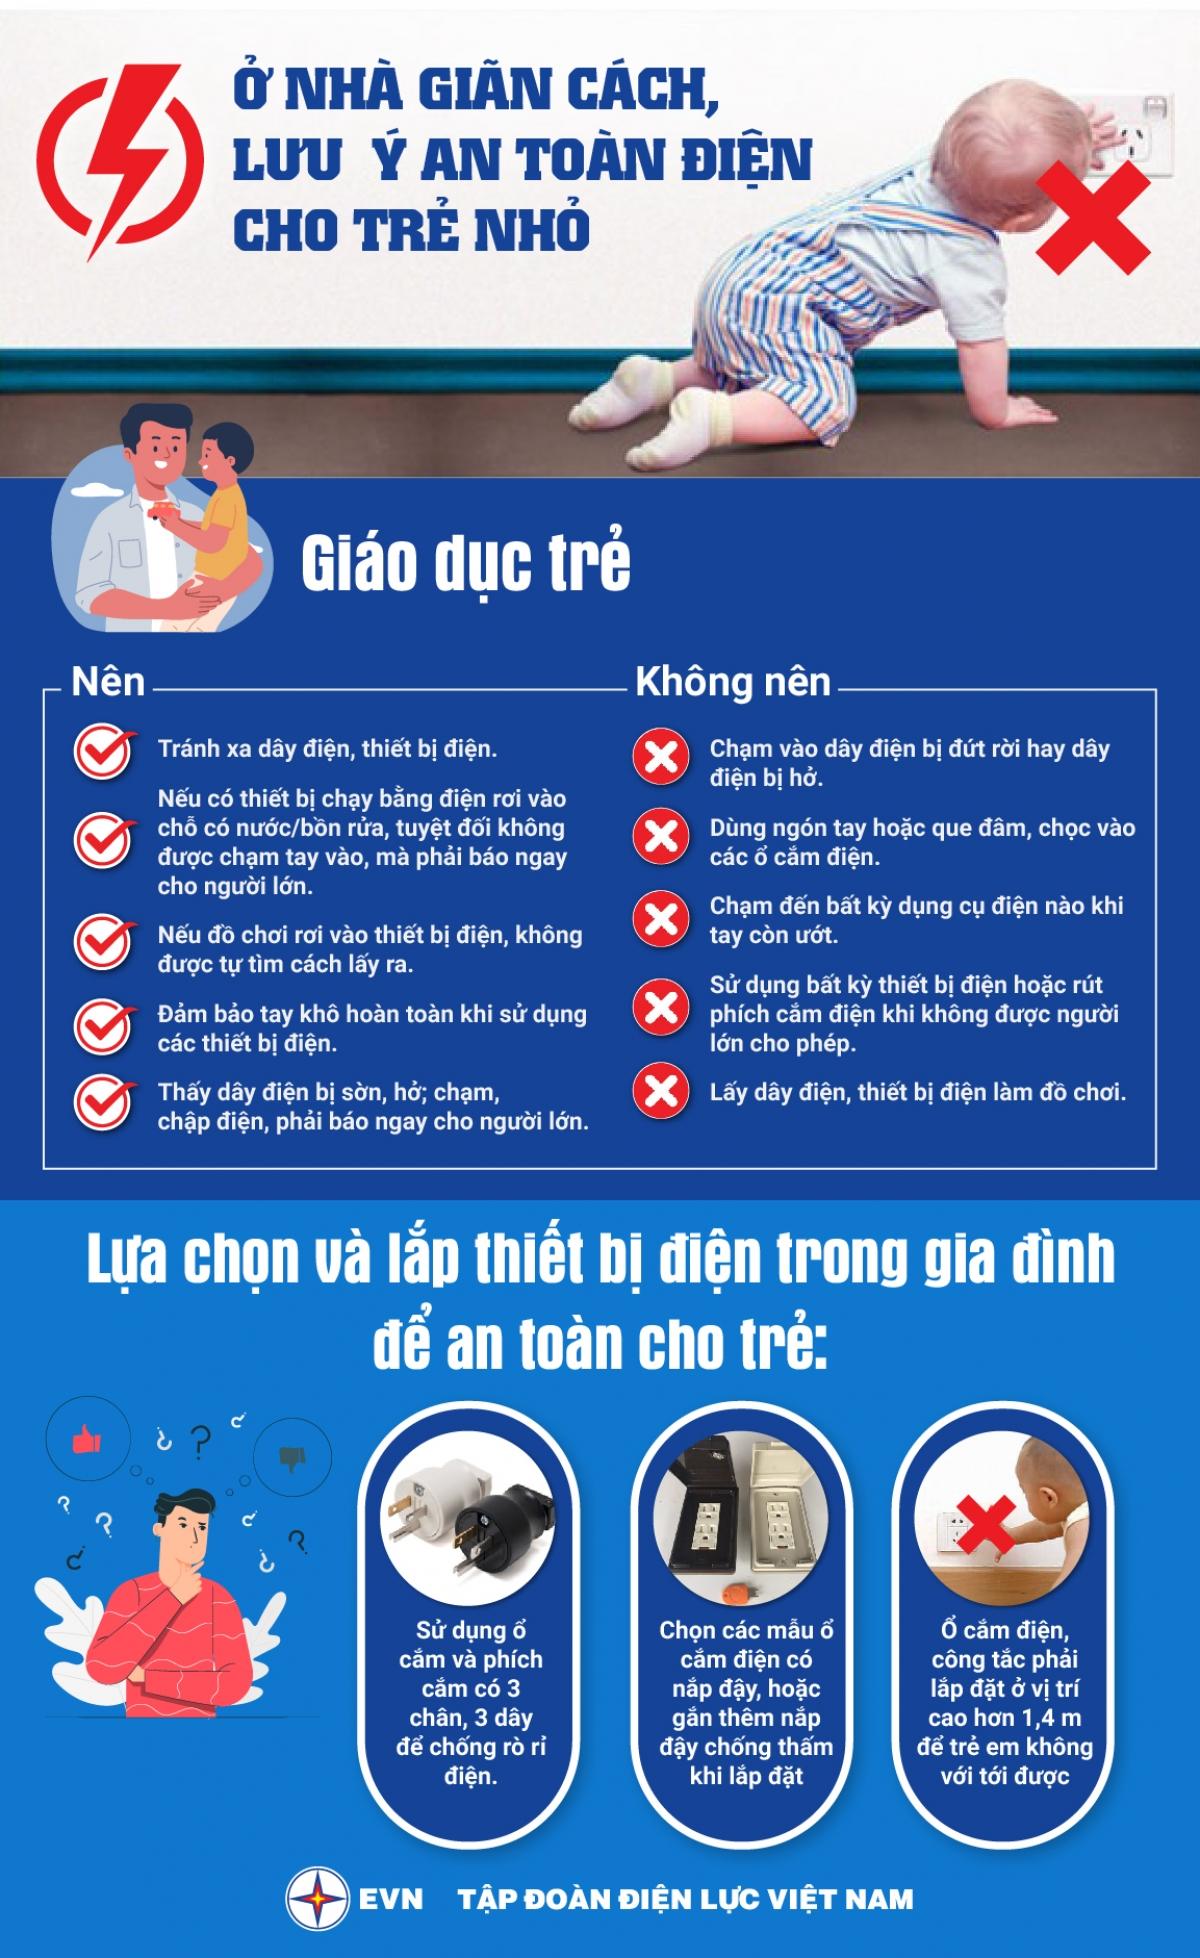 Khuyến cáo các khách hàng sử dụng điện, các gia đình có trẻ nhỏ để giảm thiểu nguy cơ tai nạn điện cho trẻ em.